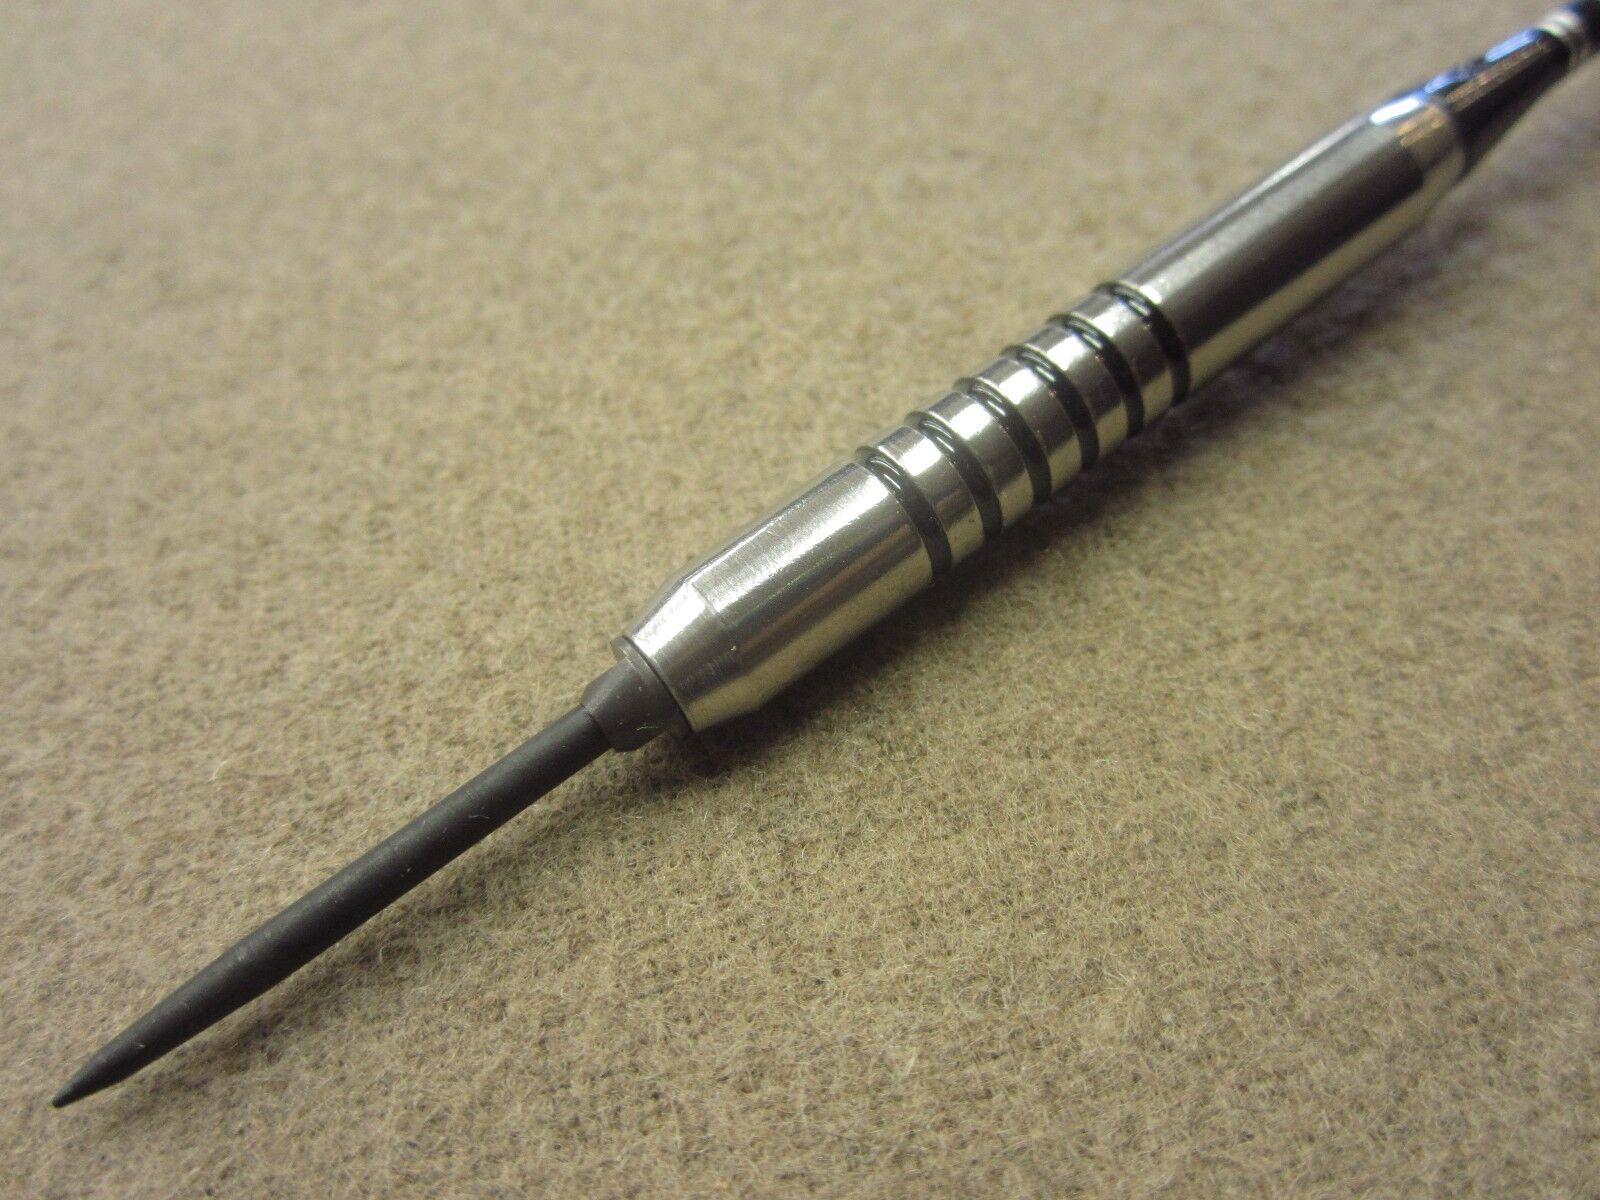 Hammer Head Smooth 28g Steel Steel 28g Tip Darts 90% Tungsten 2891 w/ FREE Shipping 00d189